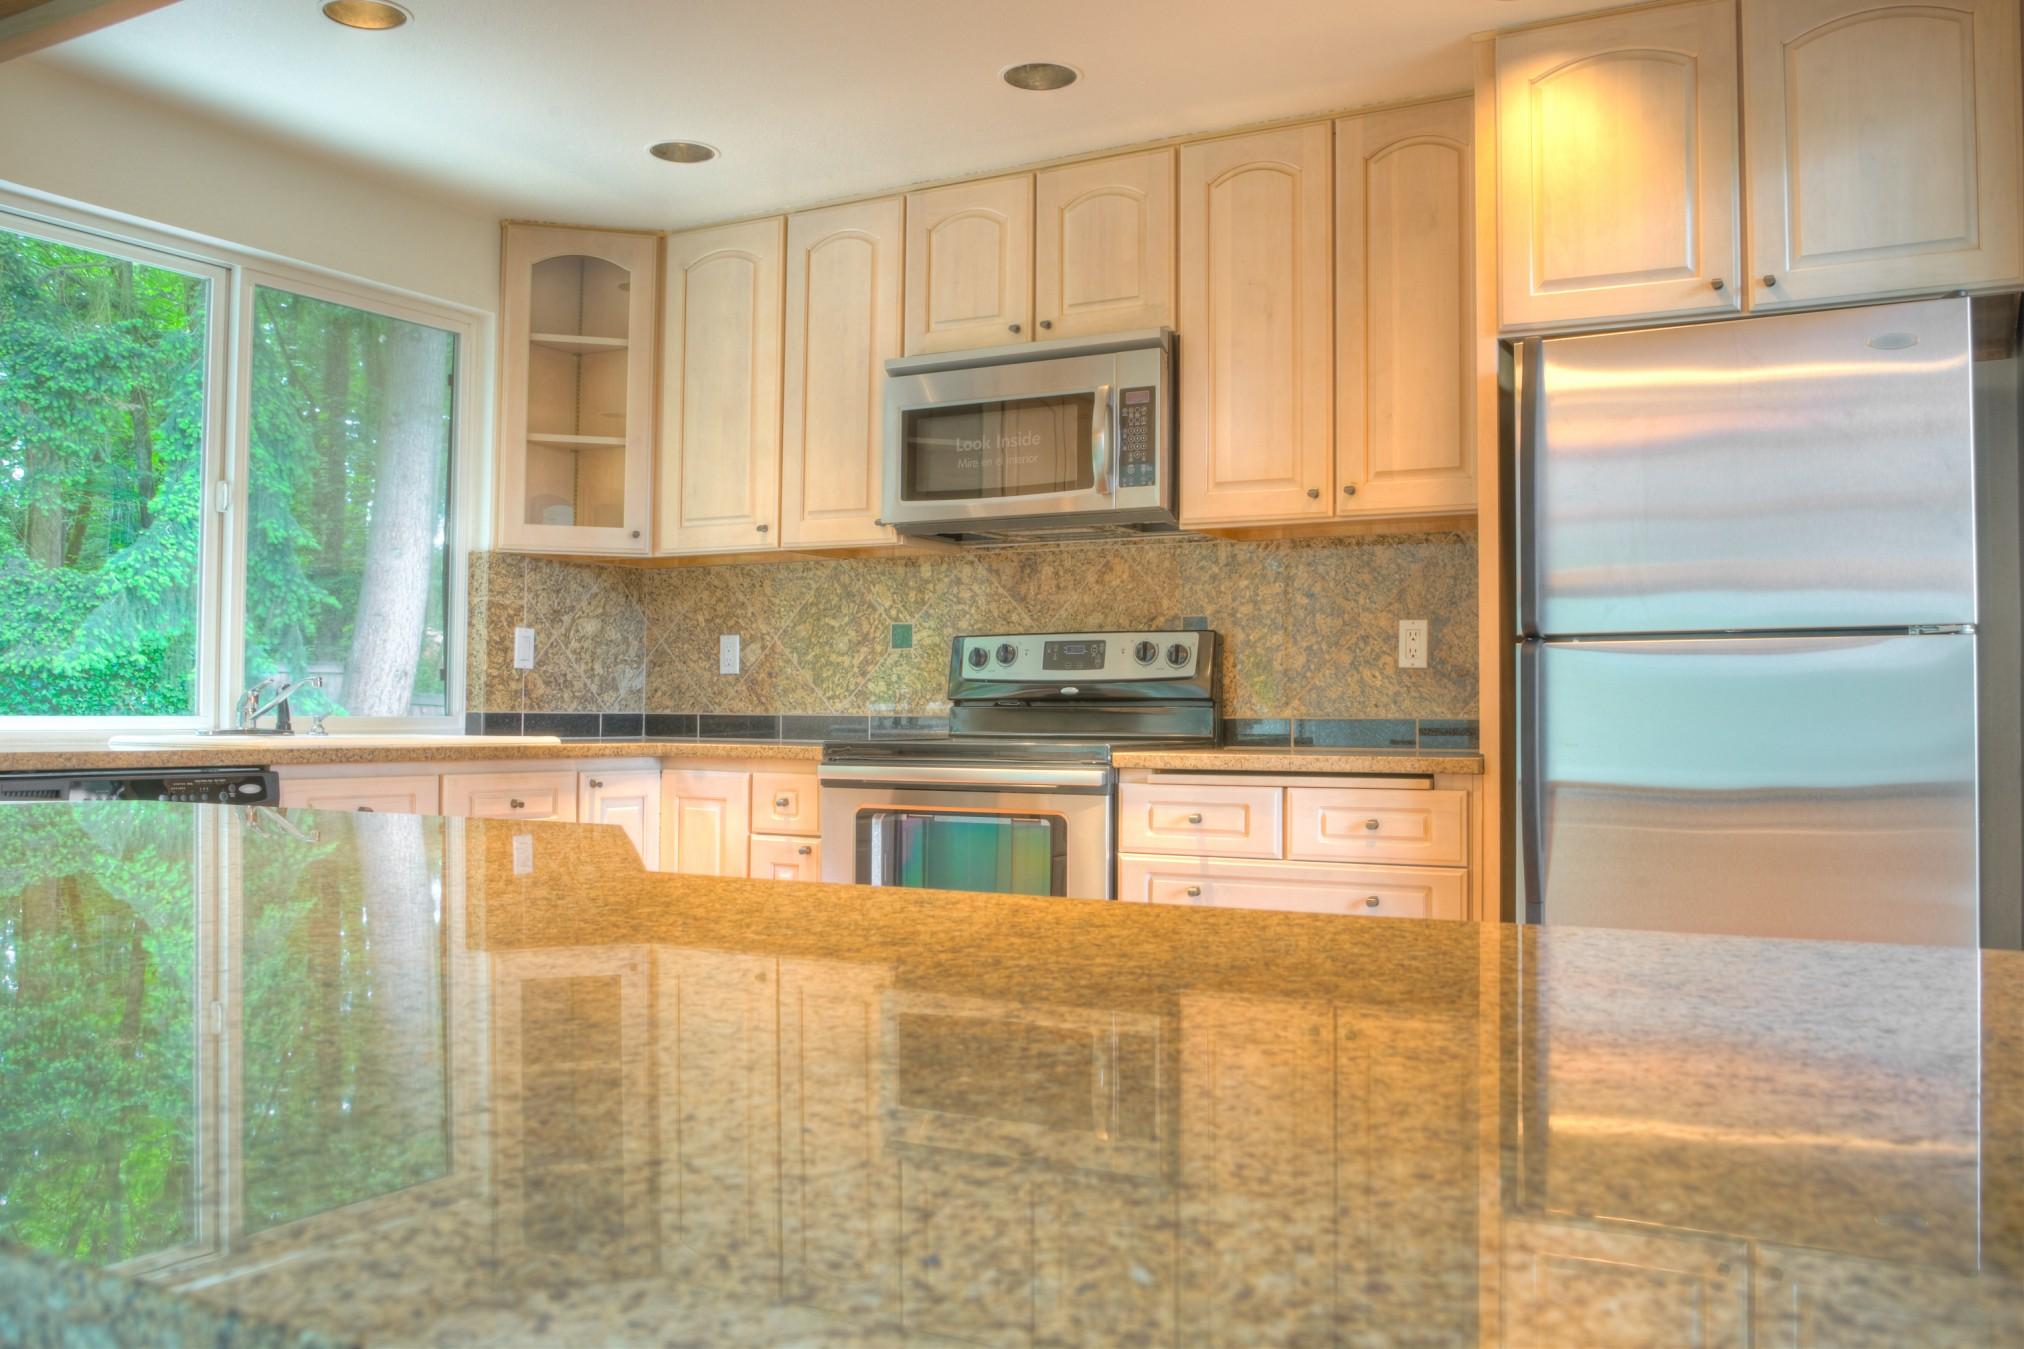 Granite-Countertop-Care-Seal-Cleaning-2024x1349.jpg